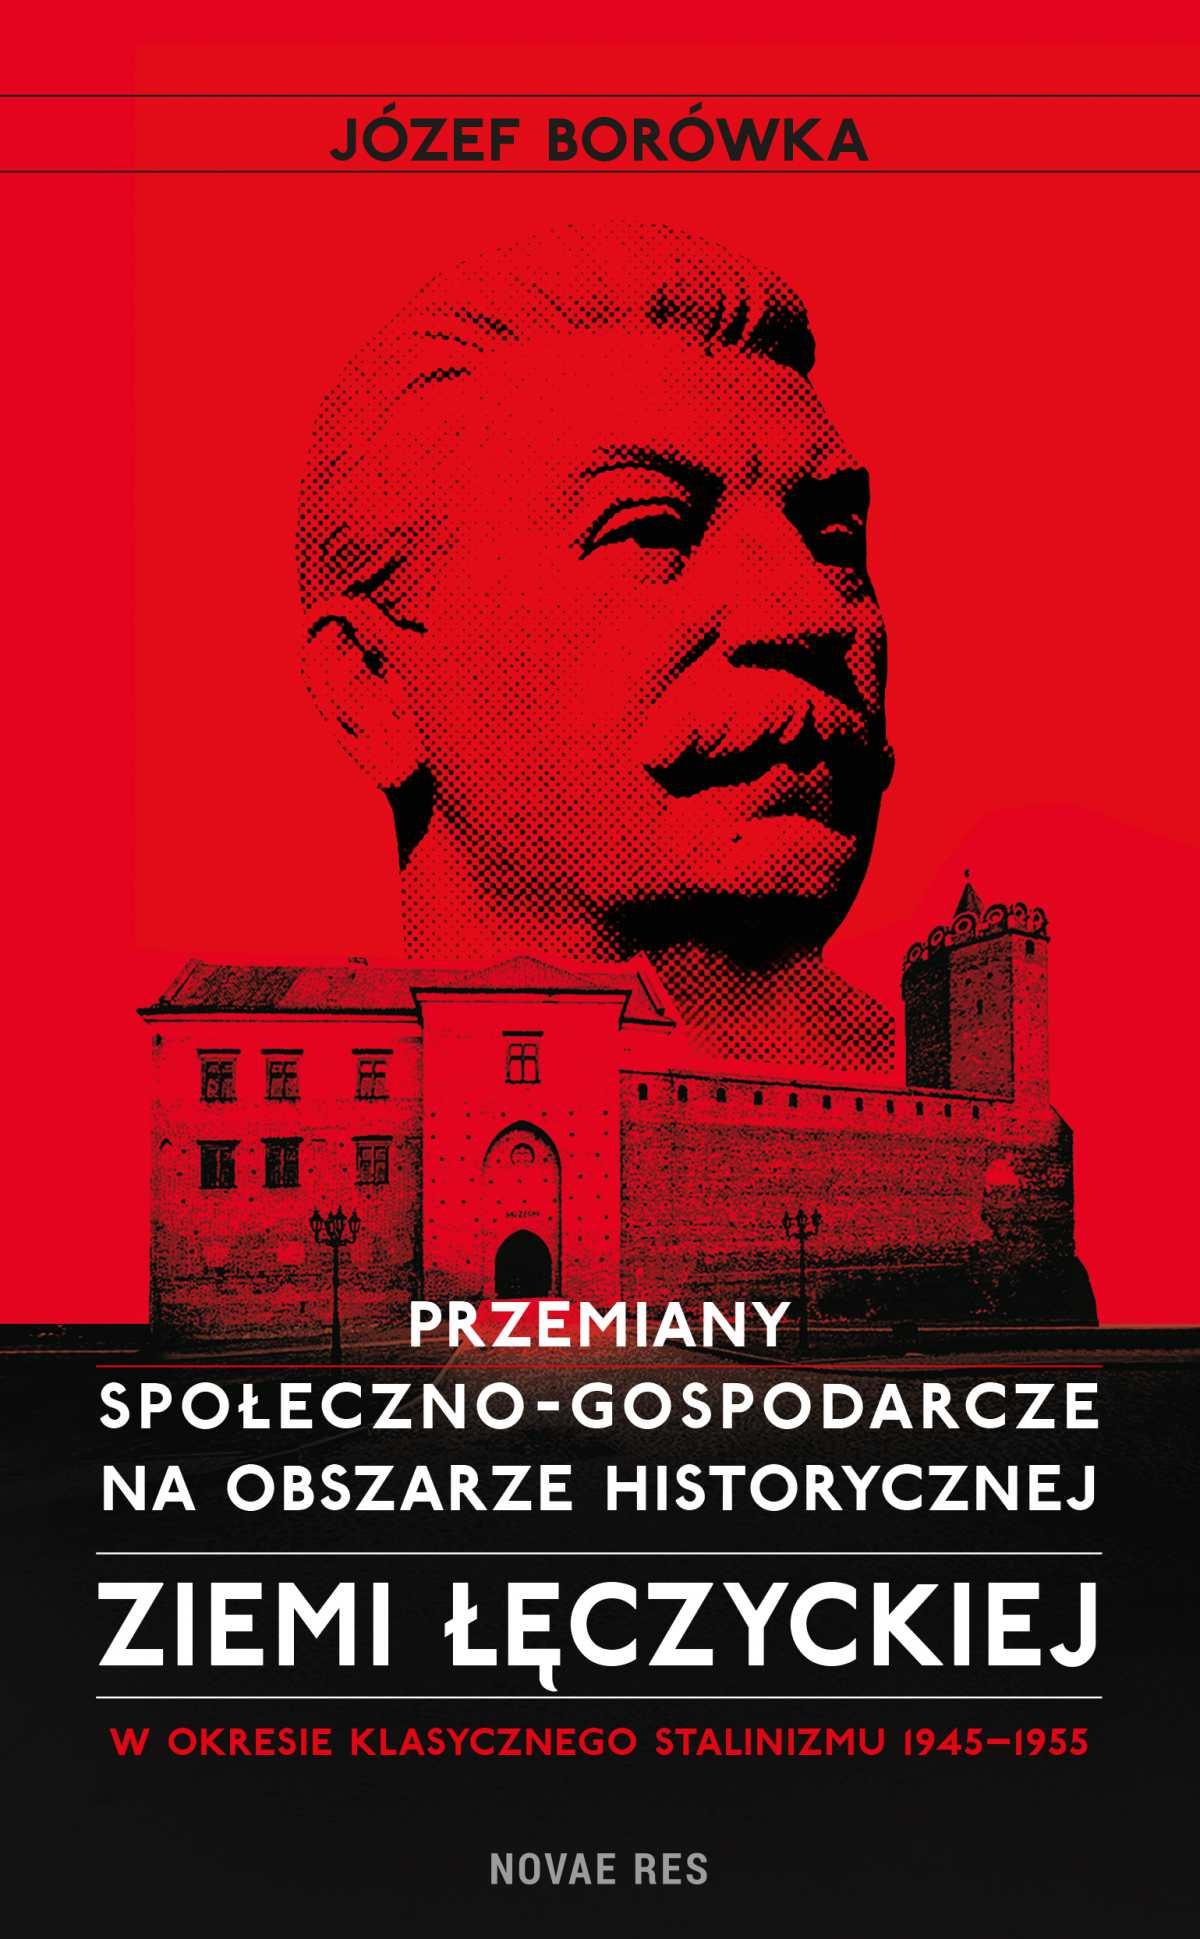 Przemiany społeczno-gospodarcze na obszarze historycznej ziemi łęczyckiej w okresie klasycznego stalinizmu 1945-1955 - Ebook (Książka EPUB) do pobrania w formacie EPUB